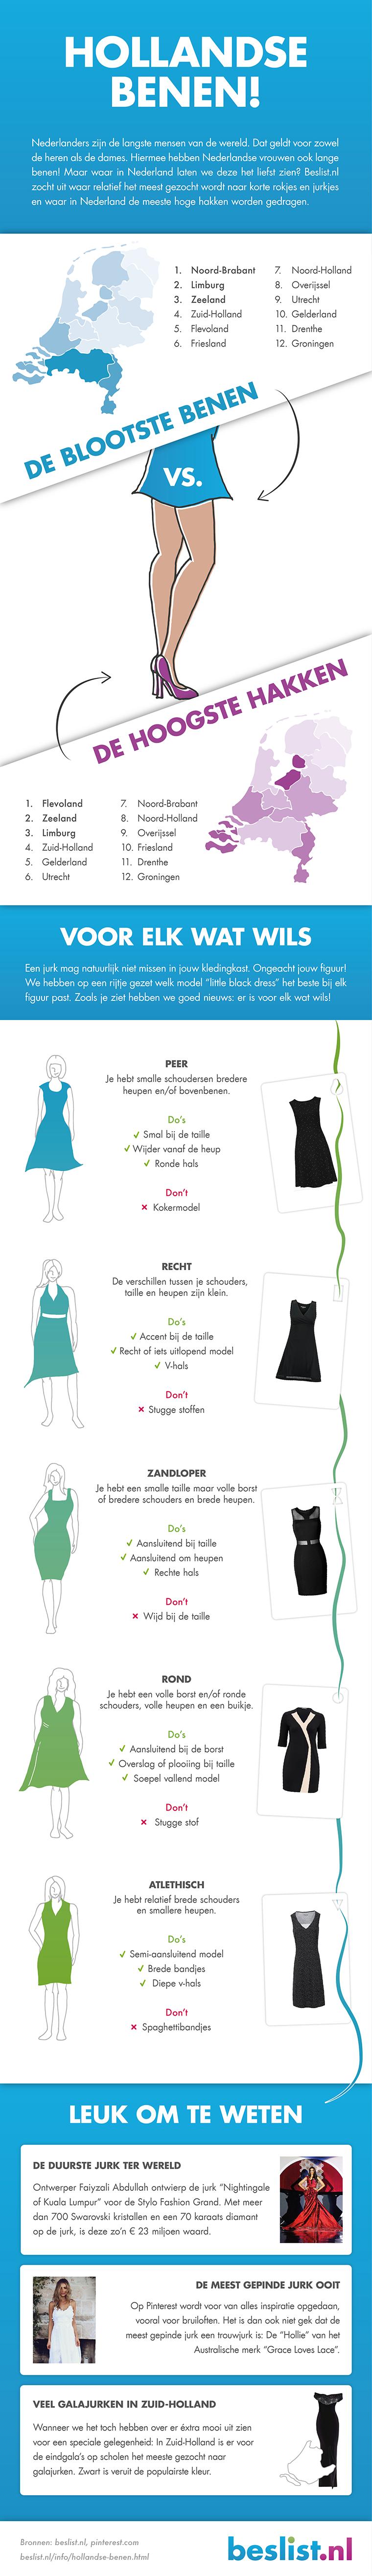 Infographic Hollandse benen